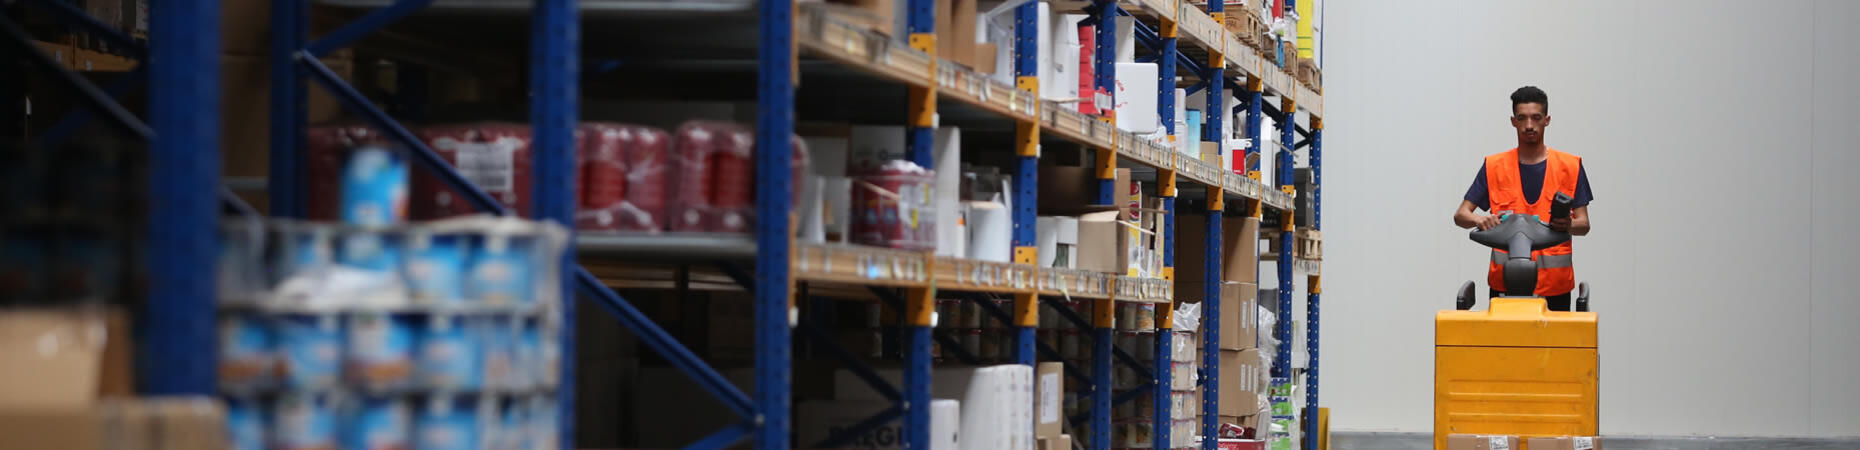 ecoservice-pesaro it logistica-settore-alimentare-pesaro 005